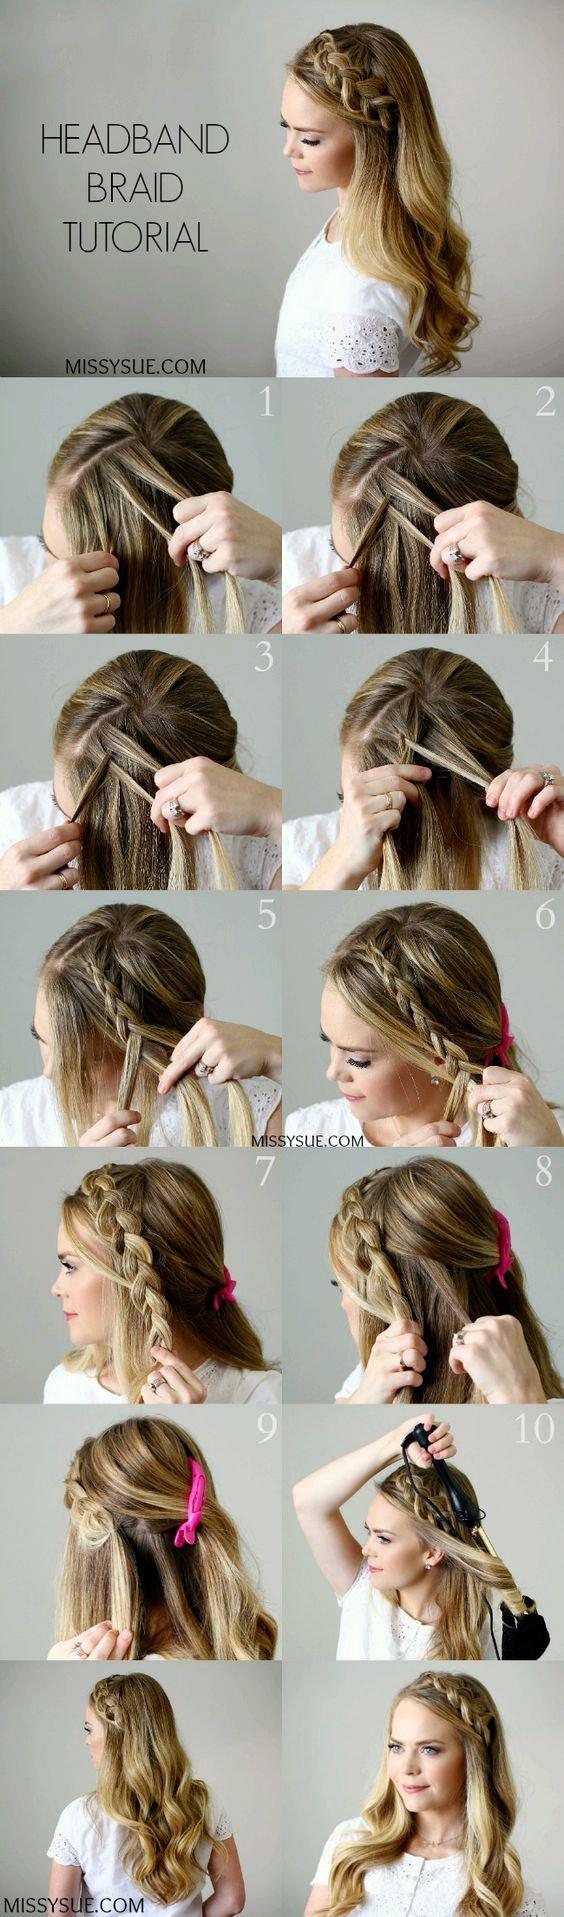 hair, hairstyle, fur, long hair, hair accessory,